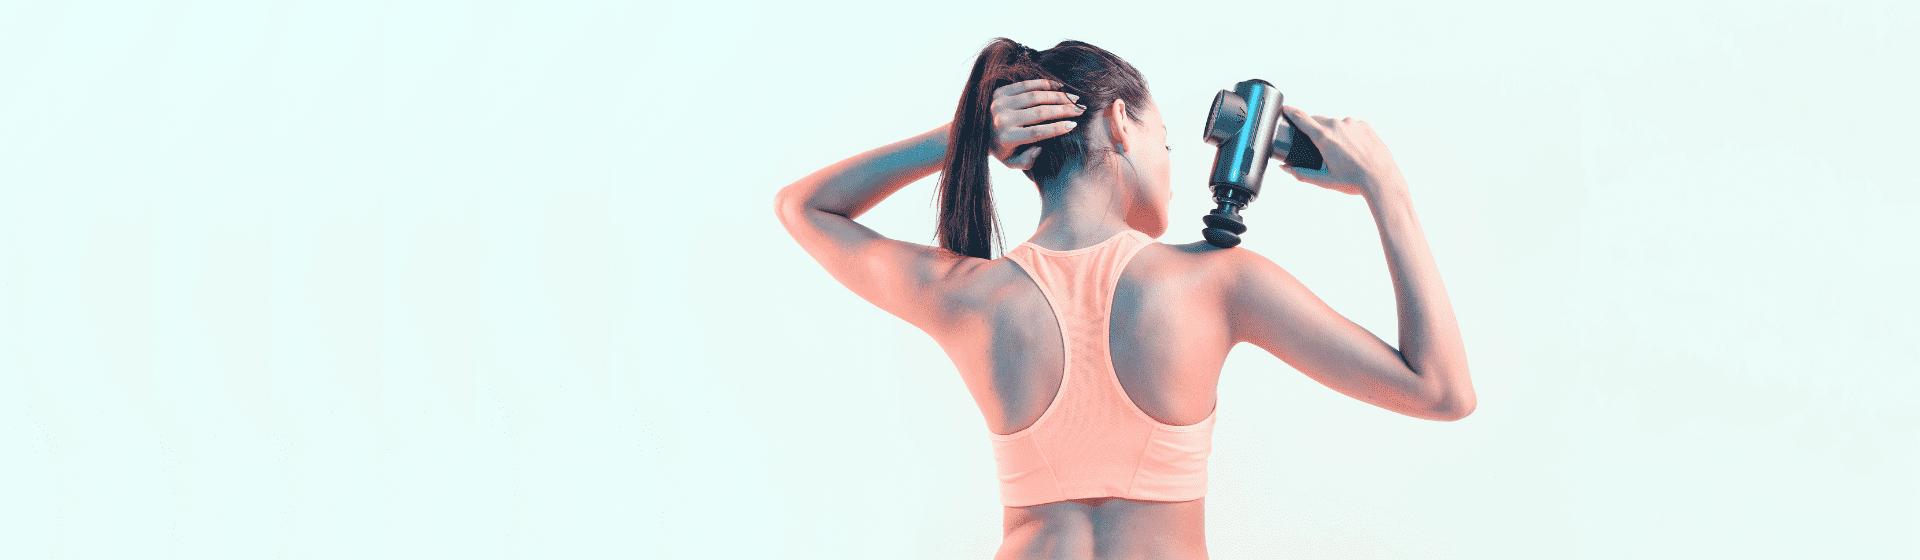 Melhor massageador corporal de 2021: 8 modelos para comprar